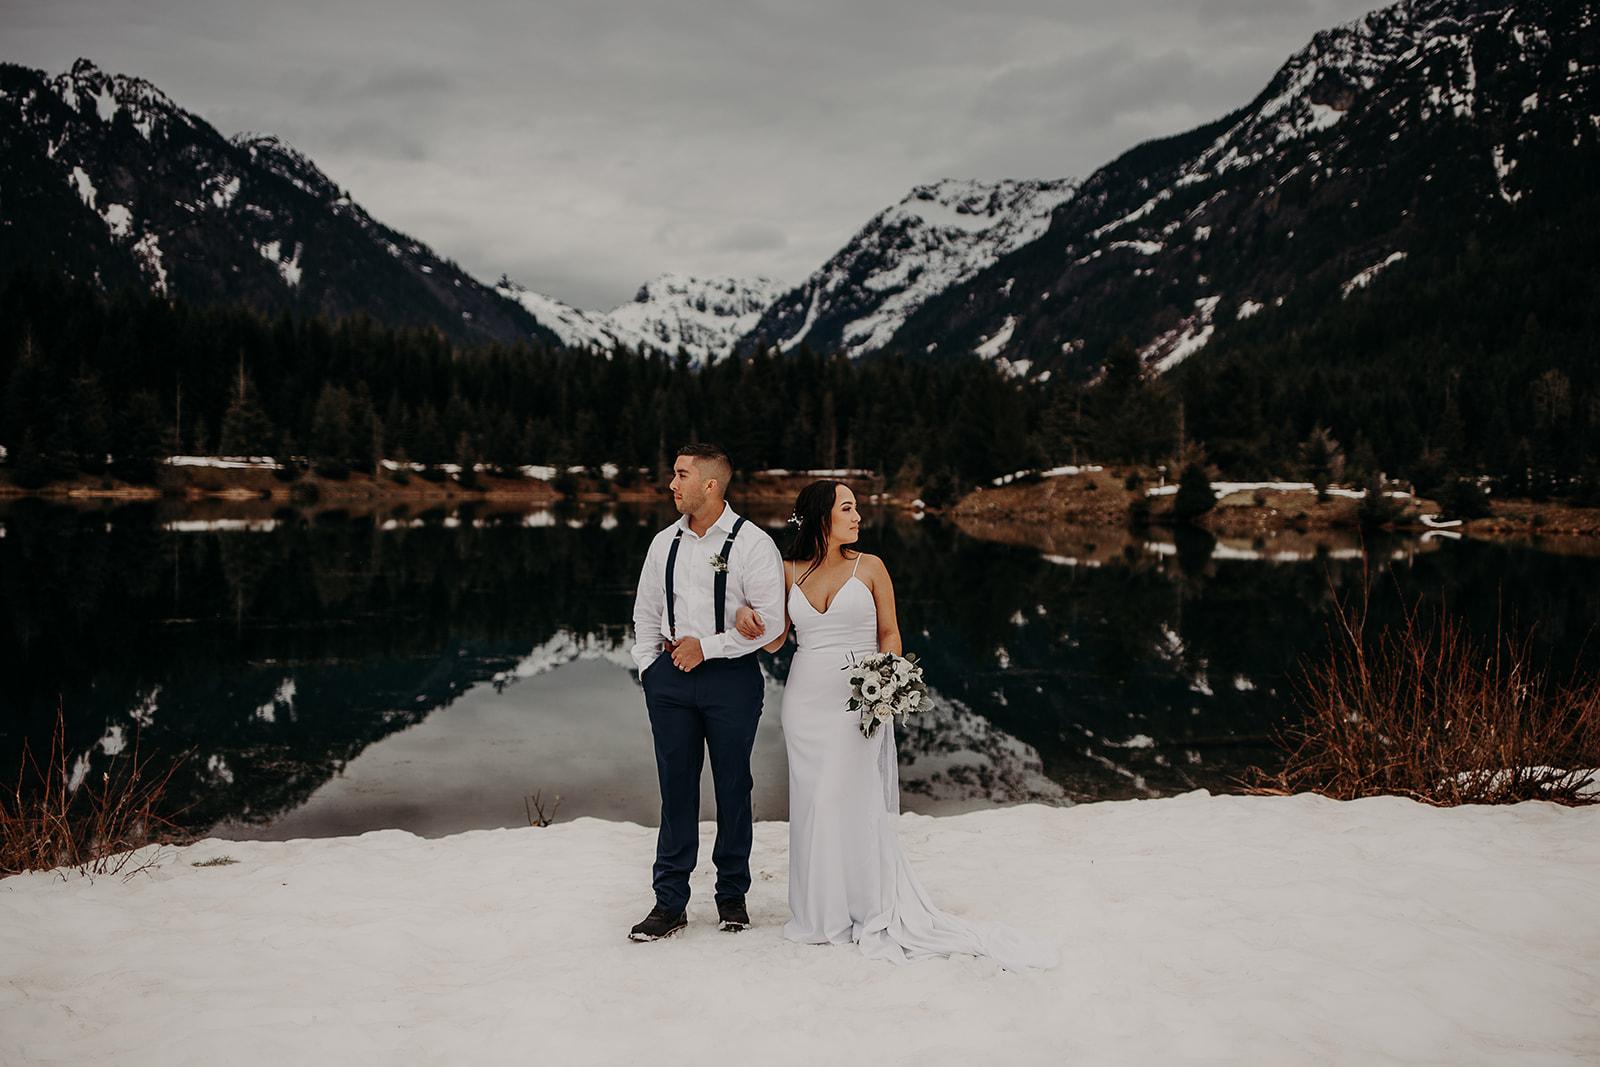 winter-mountain-elopement-asheville-wedding-photographer-megan-gallagher-photographer (29).jpg